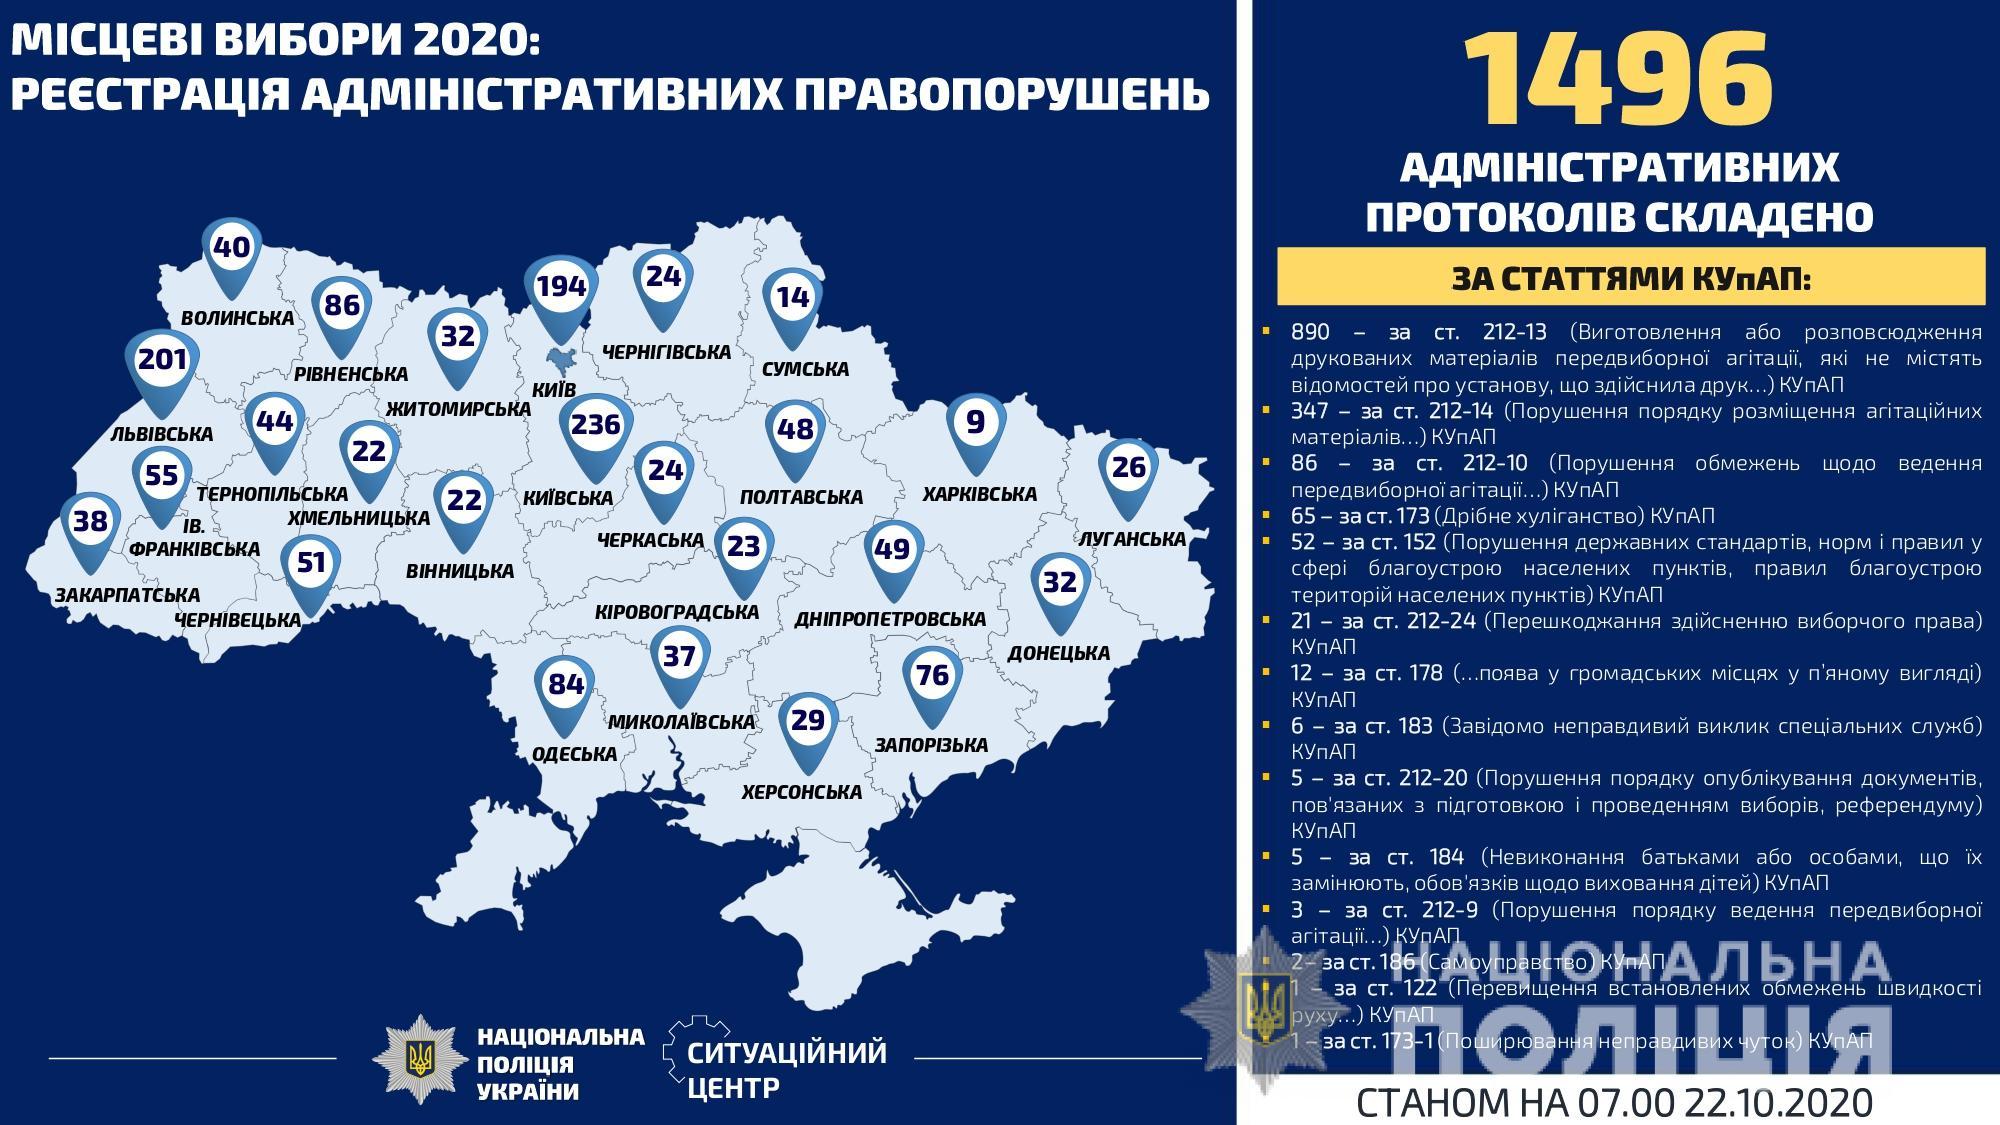 За добу на Київщині – 35 сигналів про порушення виборчого законодавства - місцеві вибори 2020, вибори - Politsiya VYB2